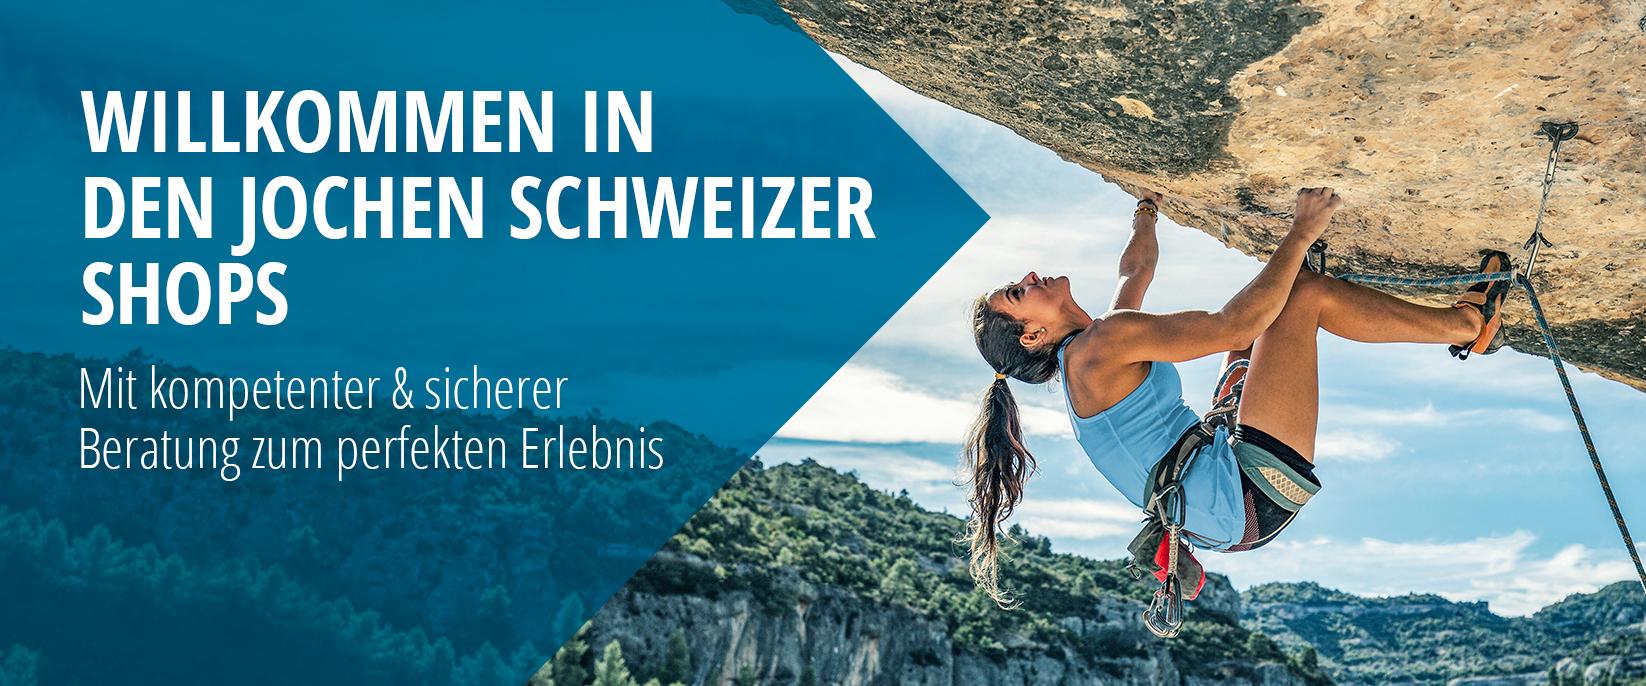 Jochen Schweizer Shops - Filialfinder